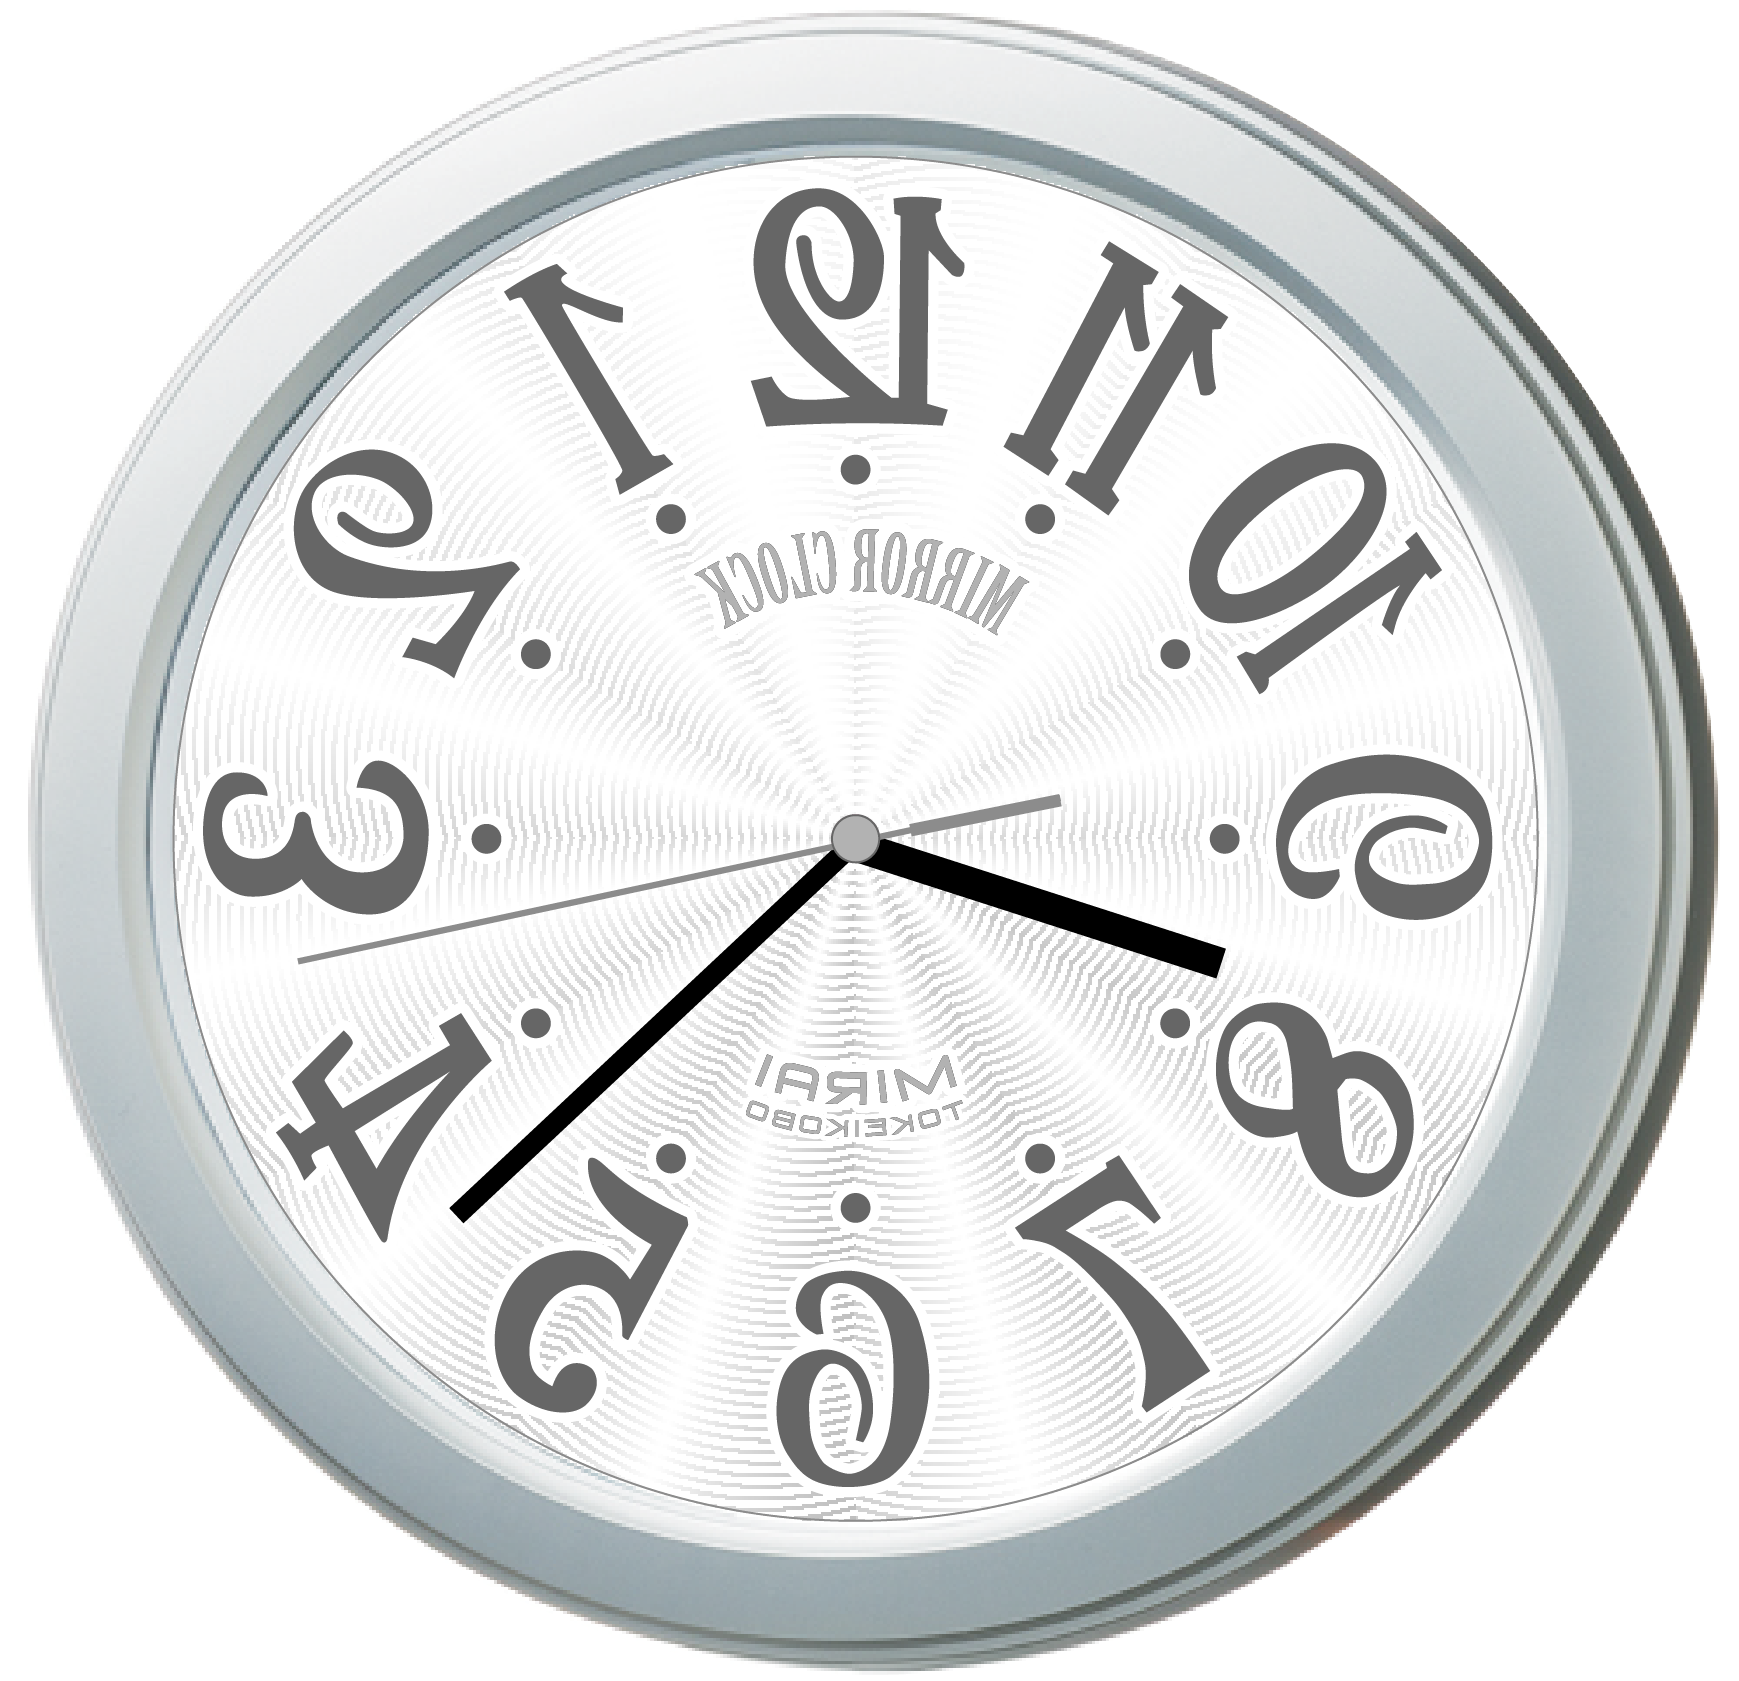 オーダー時計のデザイン案です